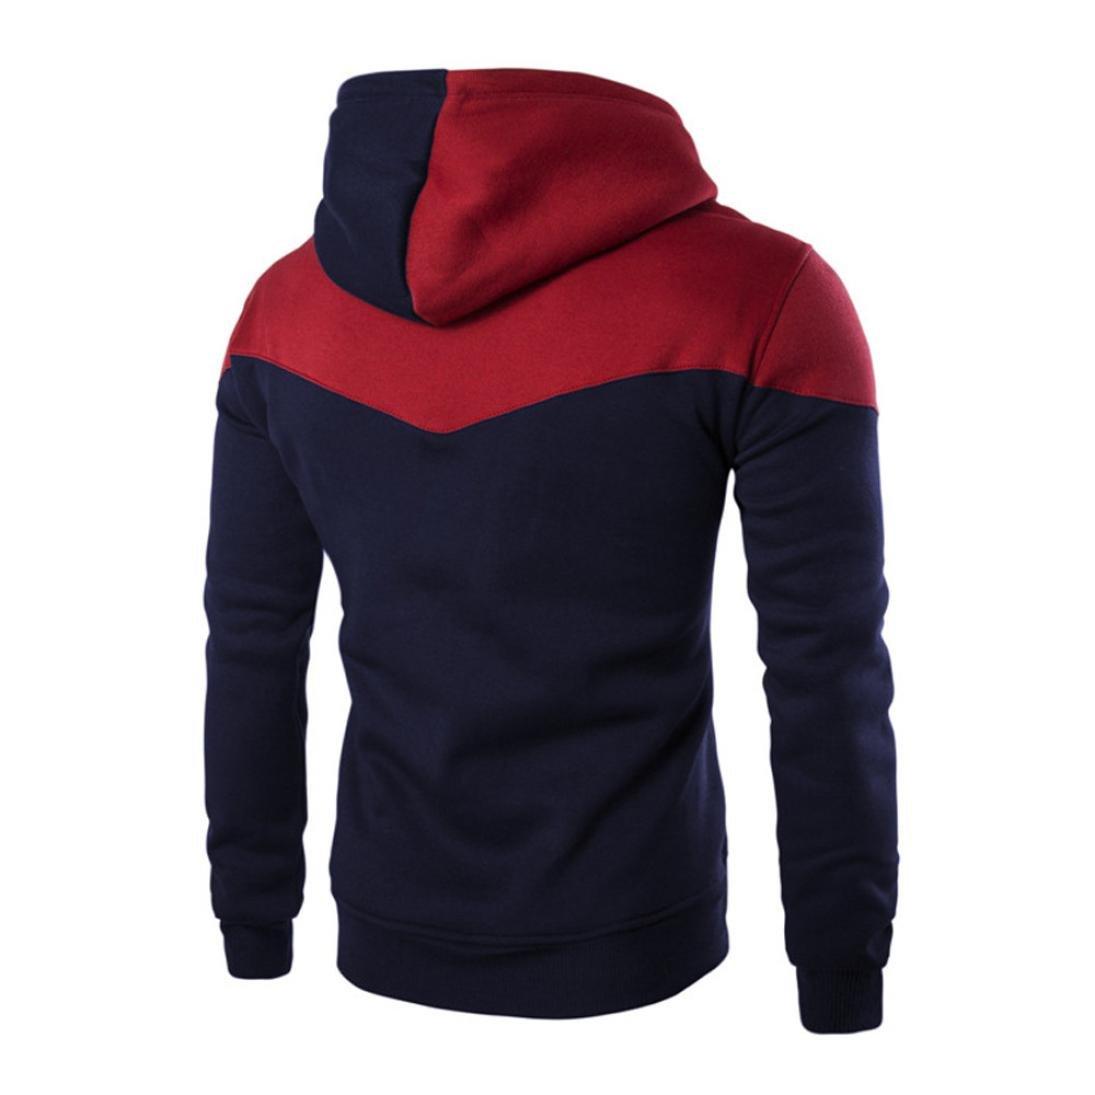 Btruely Herren Pullover Hombres Invierno Sudadera con Capucha Delgada Sudadera Hombres Caliente Chaqueta de Abrigo Blusa Outwear Sweater Top tee